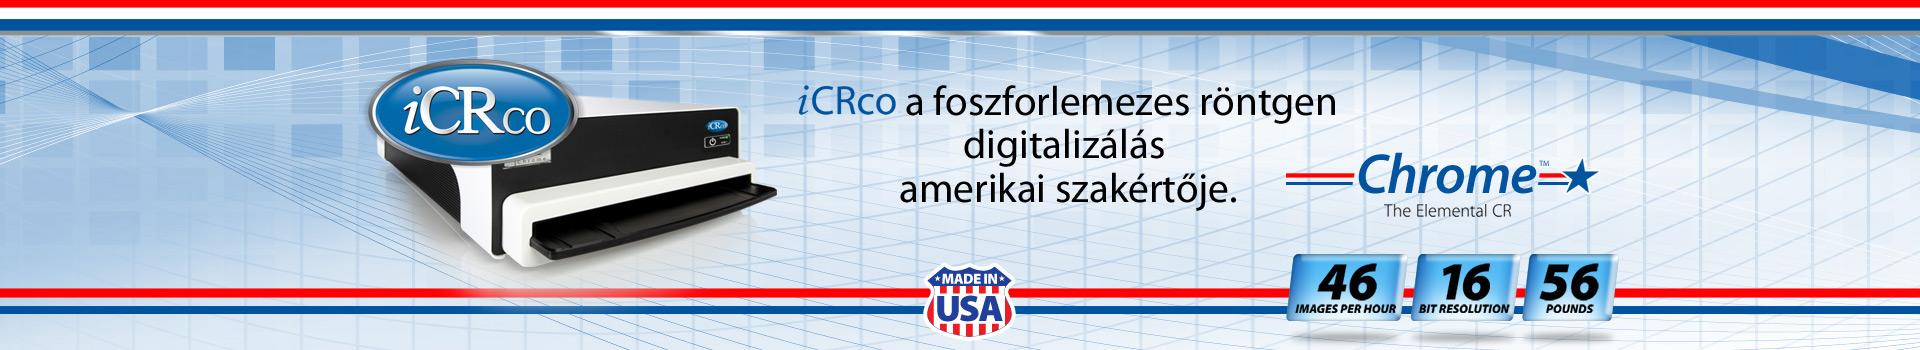 iCRco a foszforlemezes röntgen digitalizálás amerikai szakértője